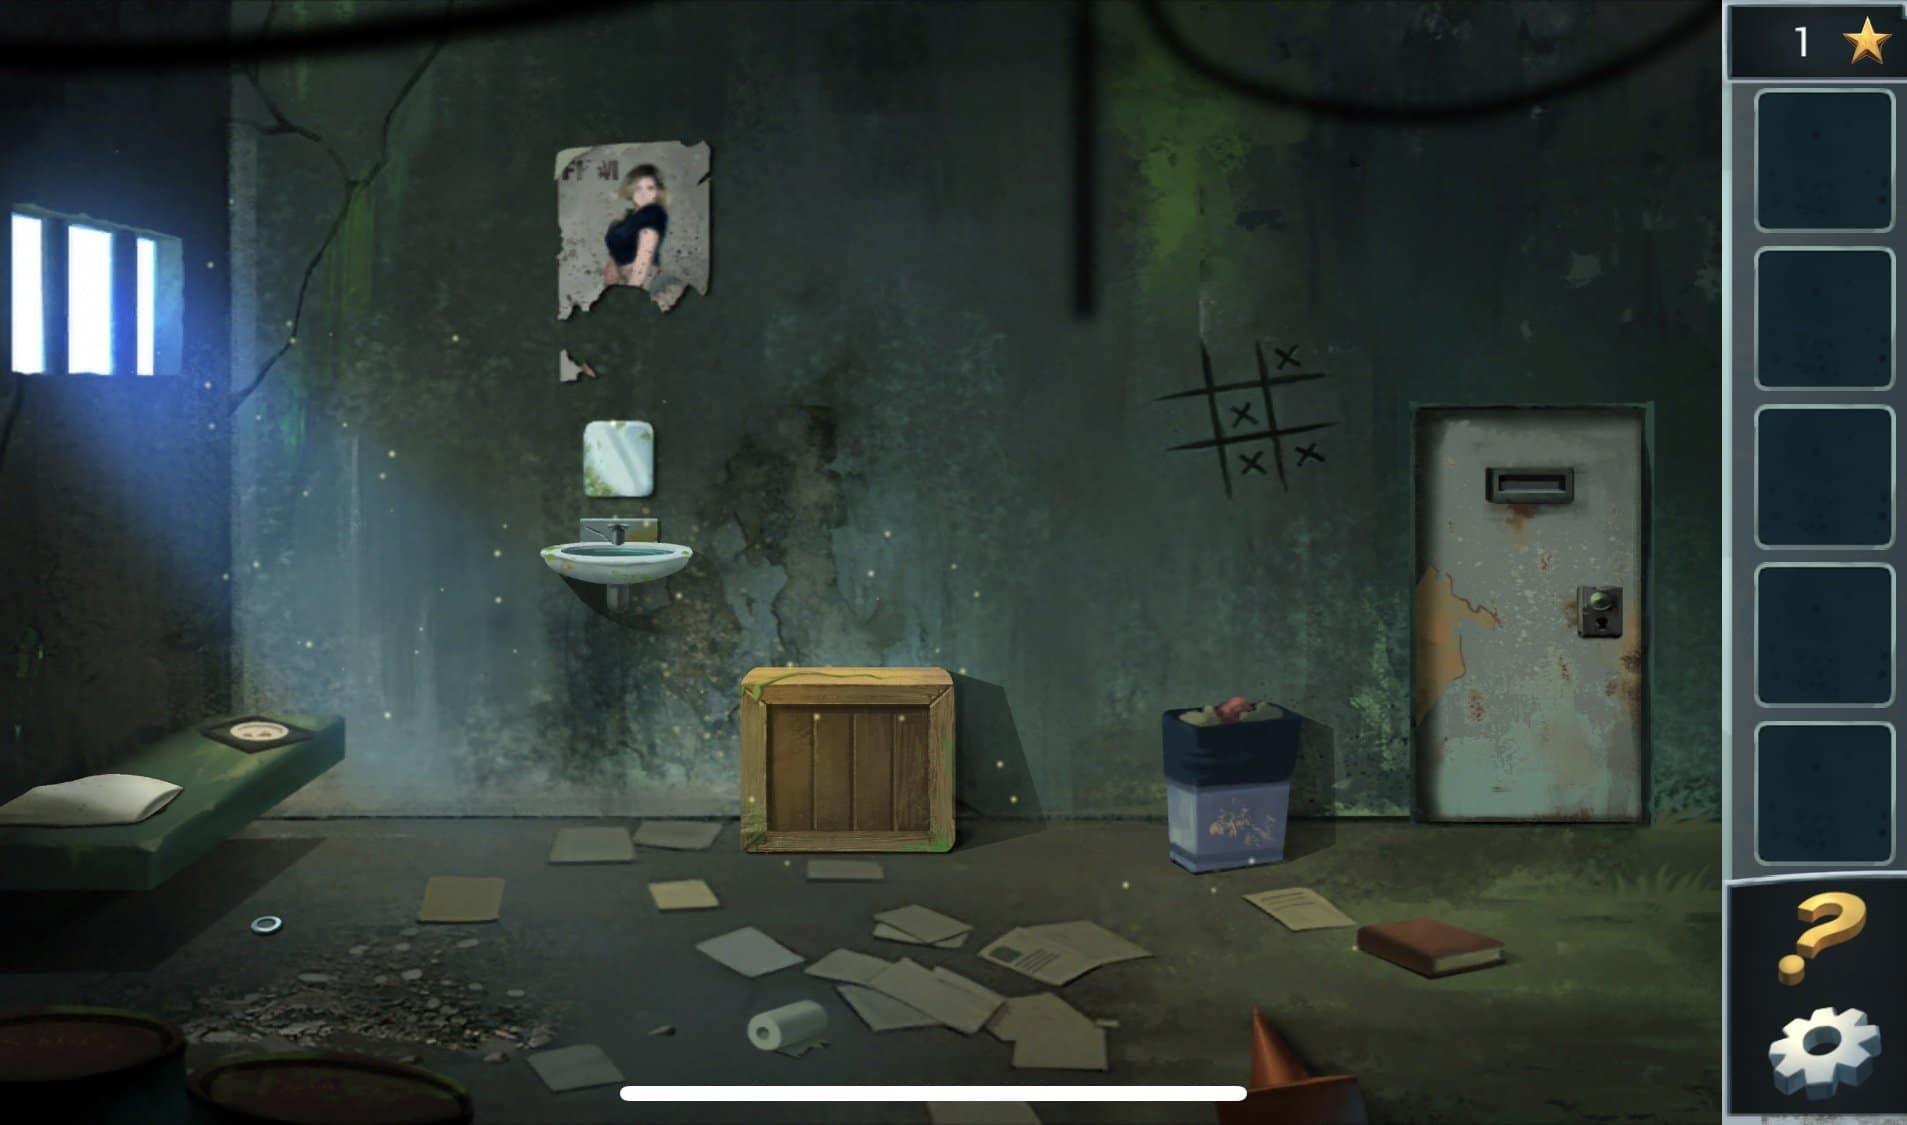 Головоломка: побег из тюрьмы, порадует Вас отличной графикой, каверзным и нестандартным прохождением игры.